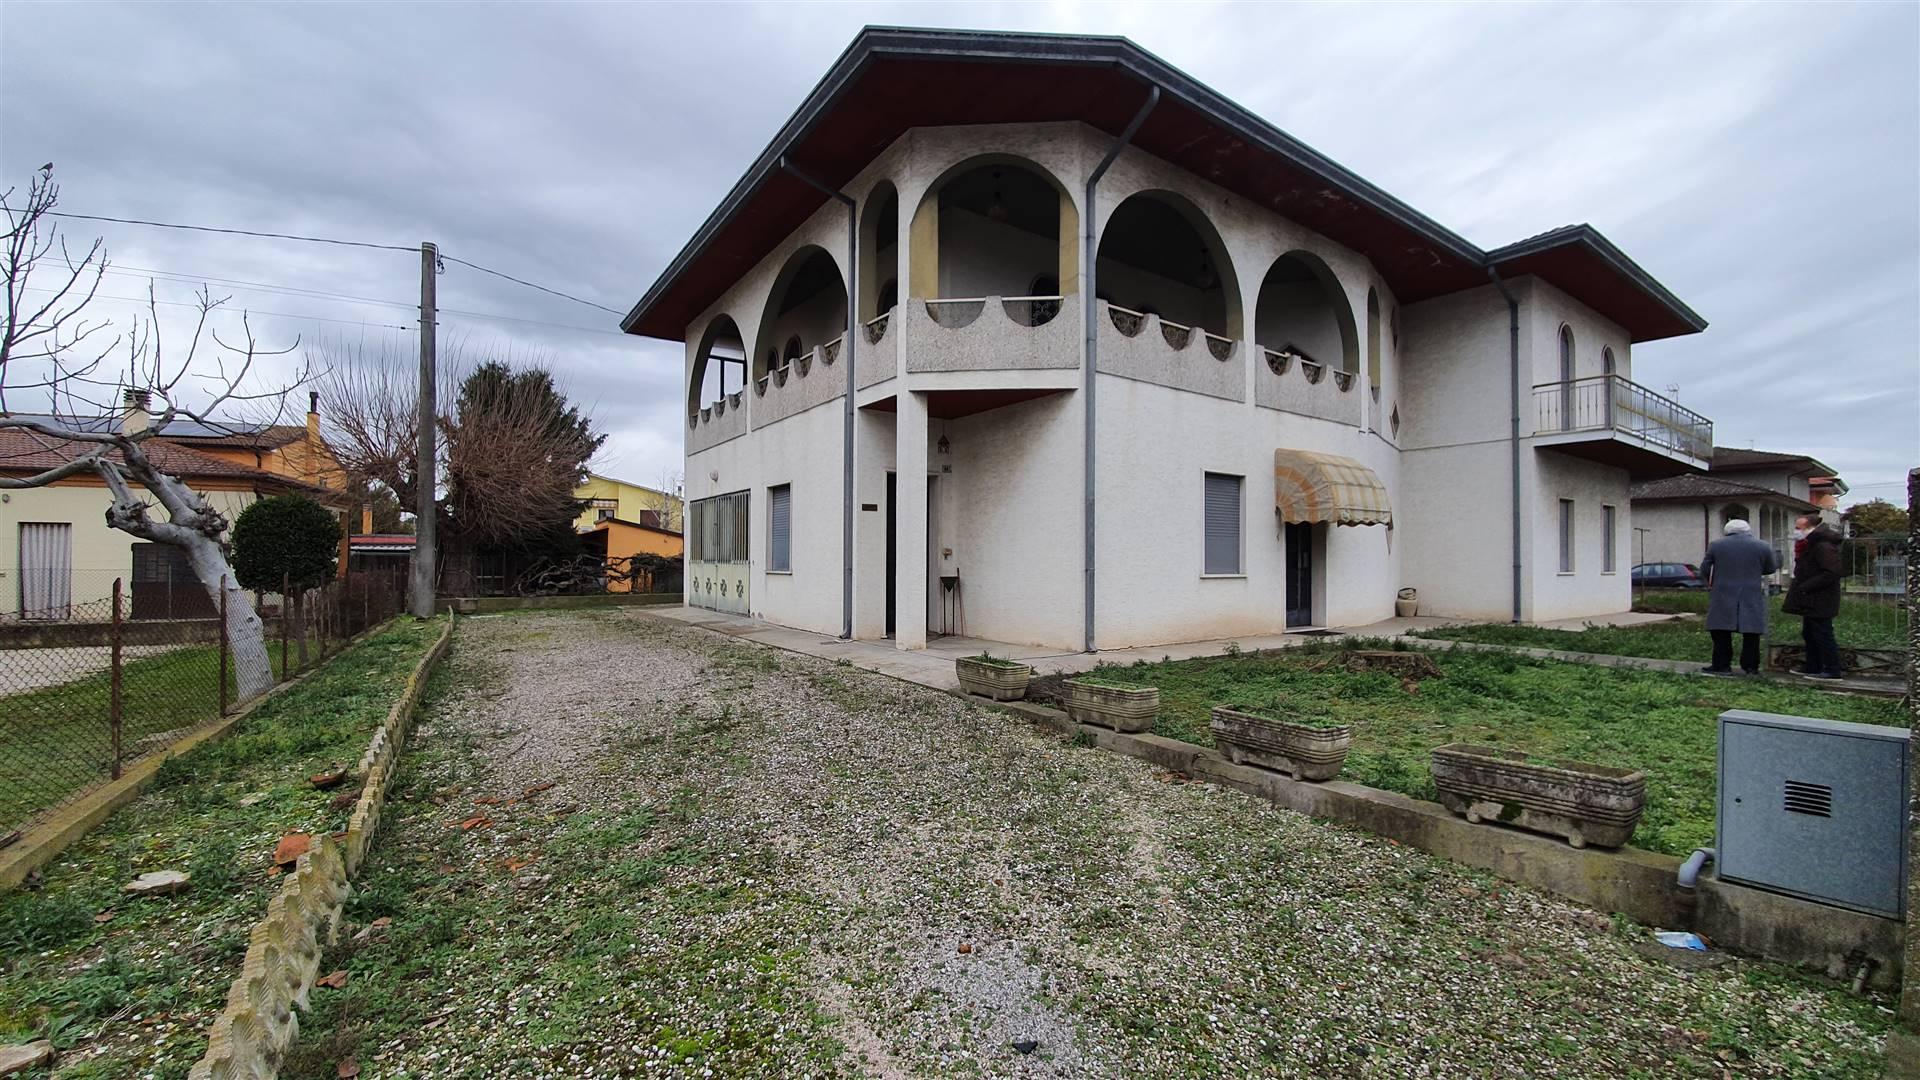 Laboratorio in vendita a Ponso, 11 locali, prezzo € 135.000 | CambioCasa.it